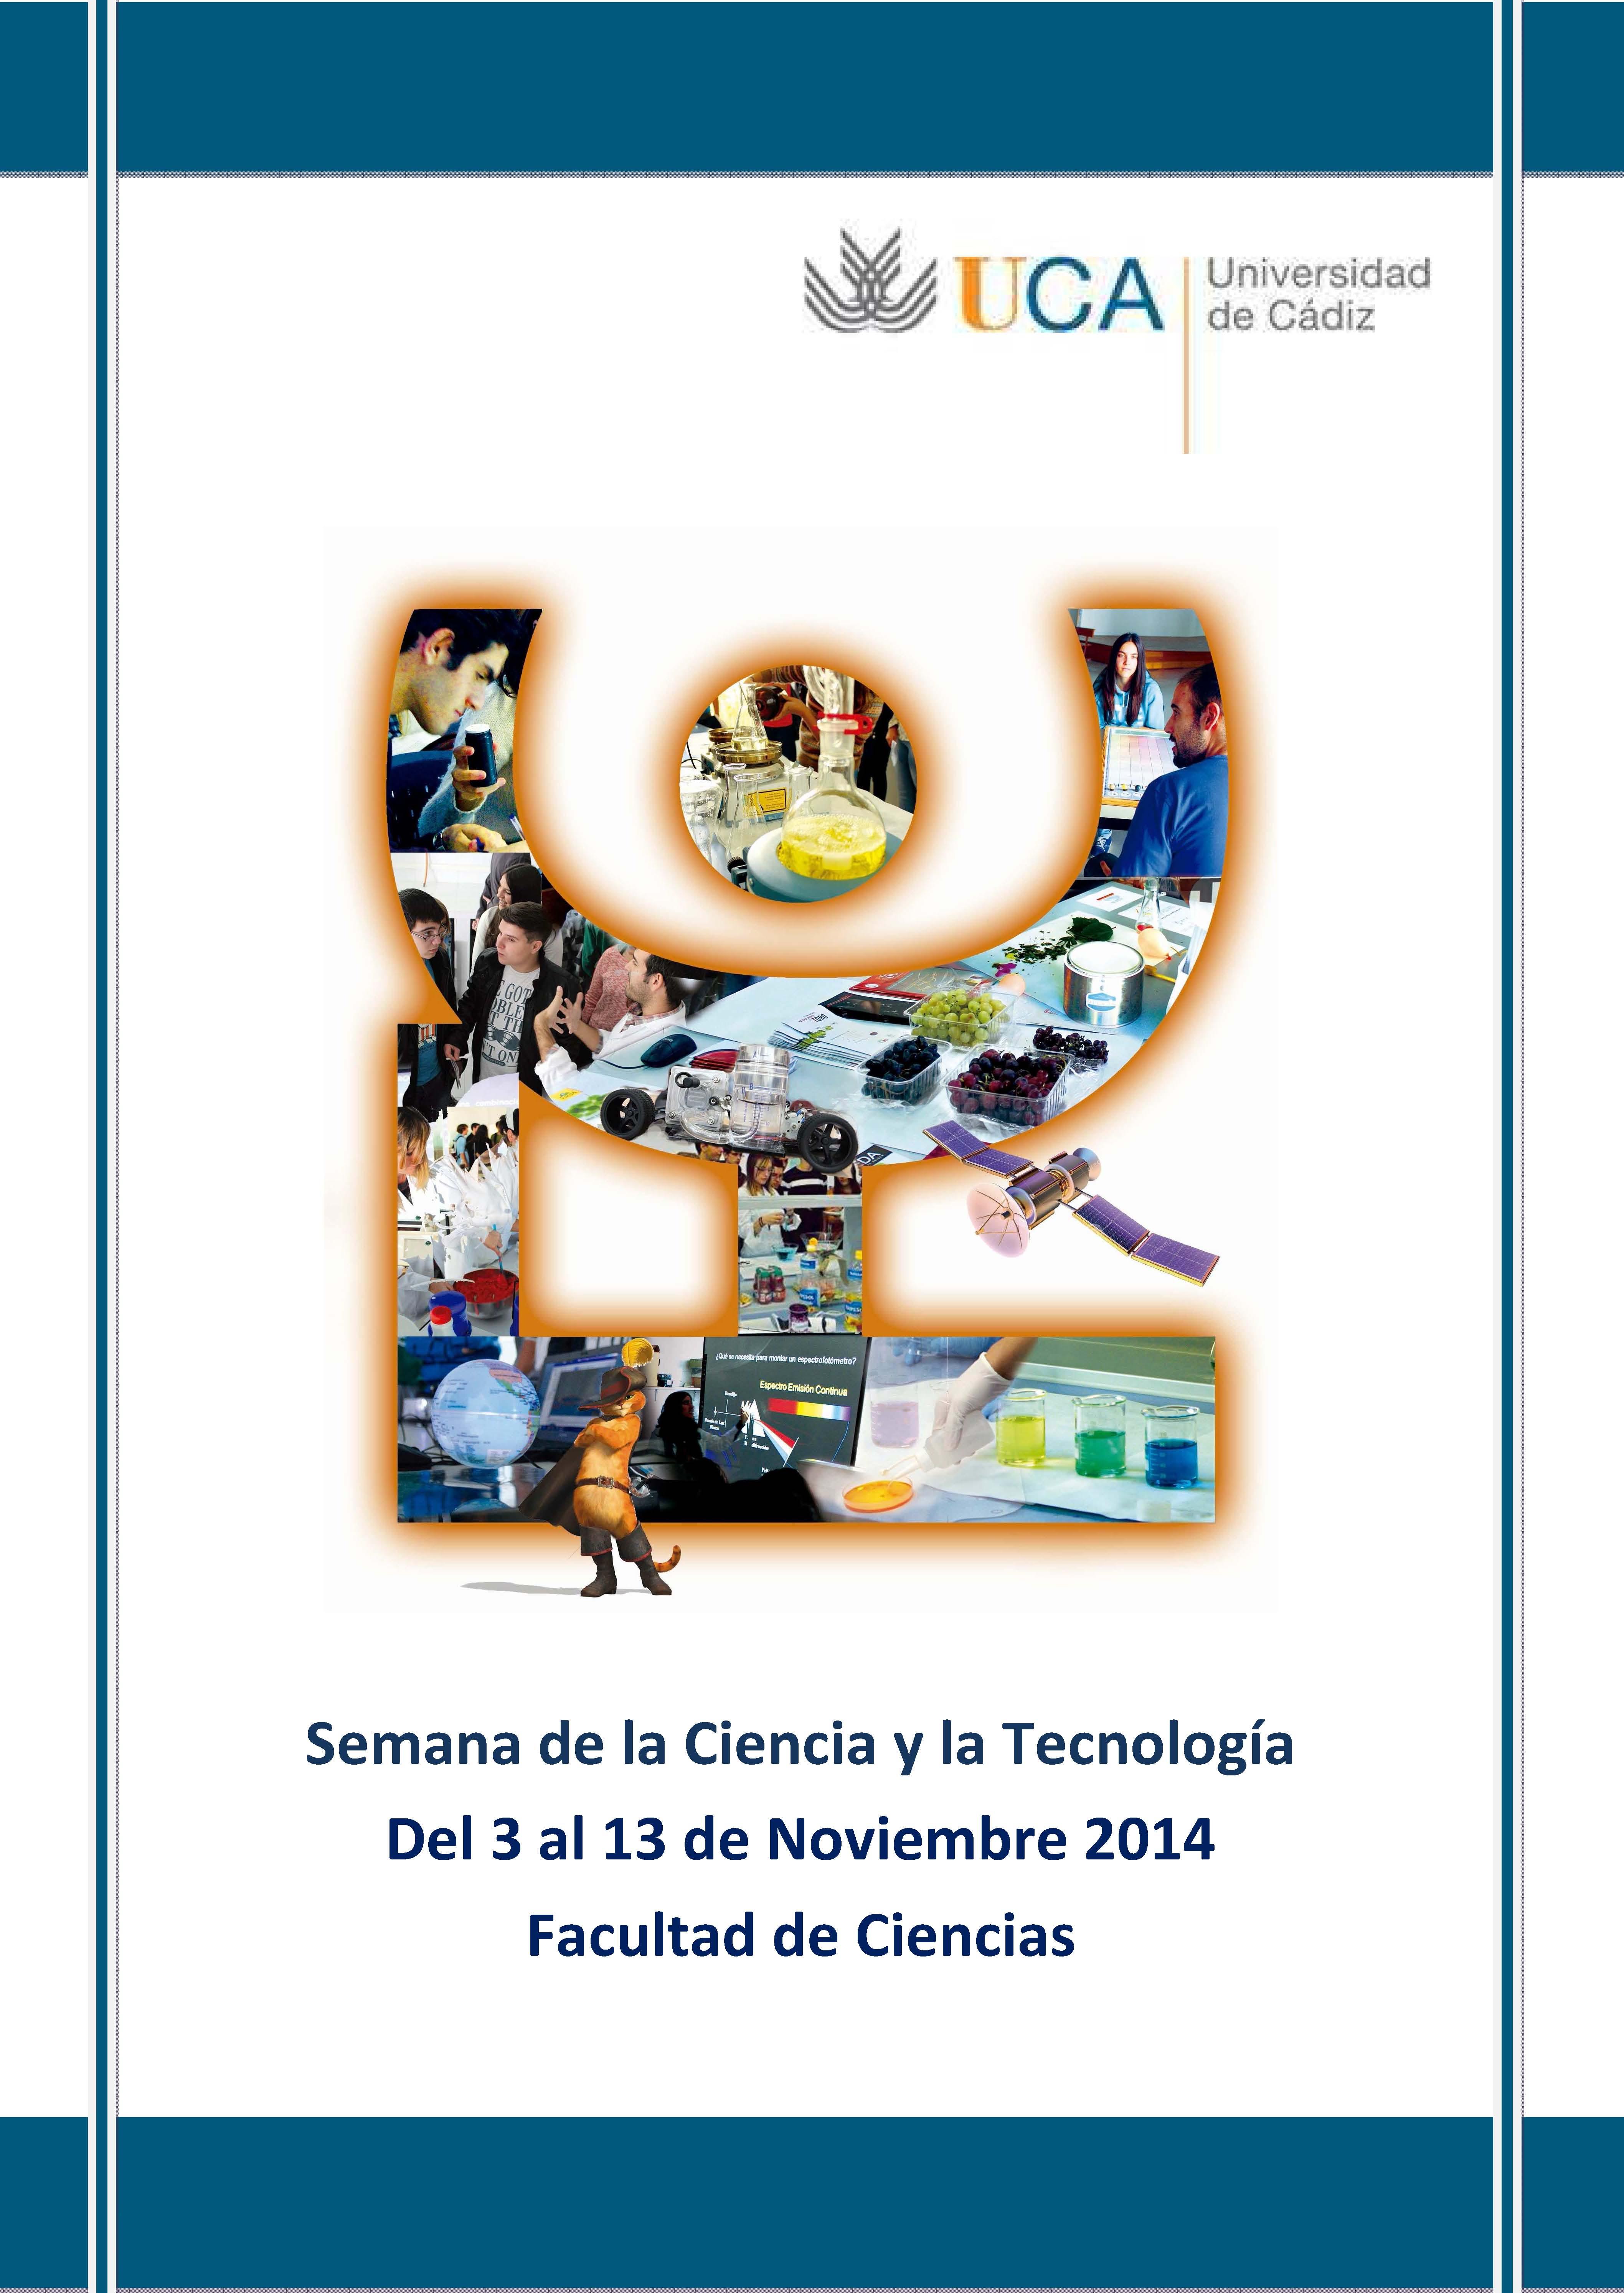 Semana de la Ciencia y la Tecnología. 4 de Noviembre.